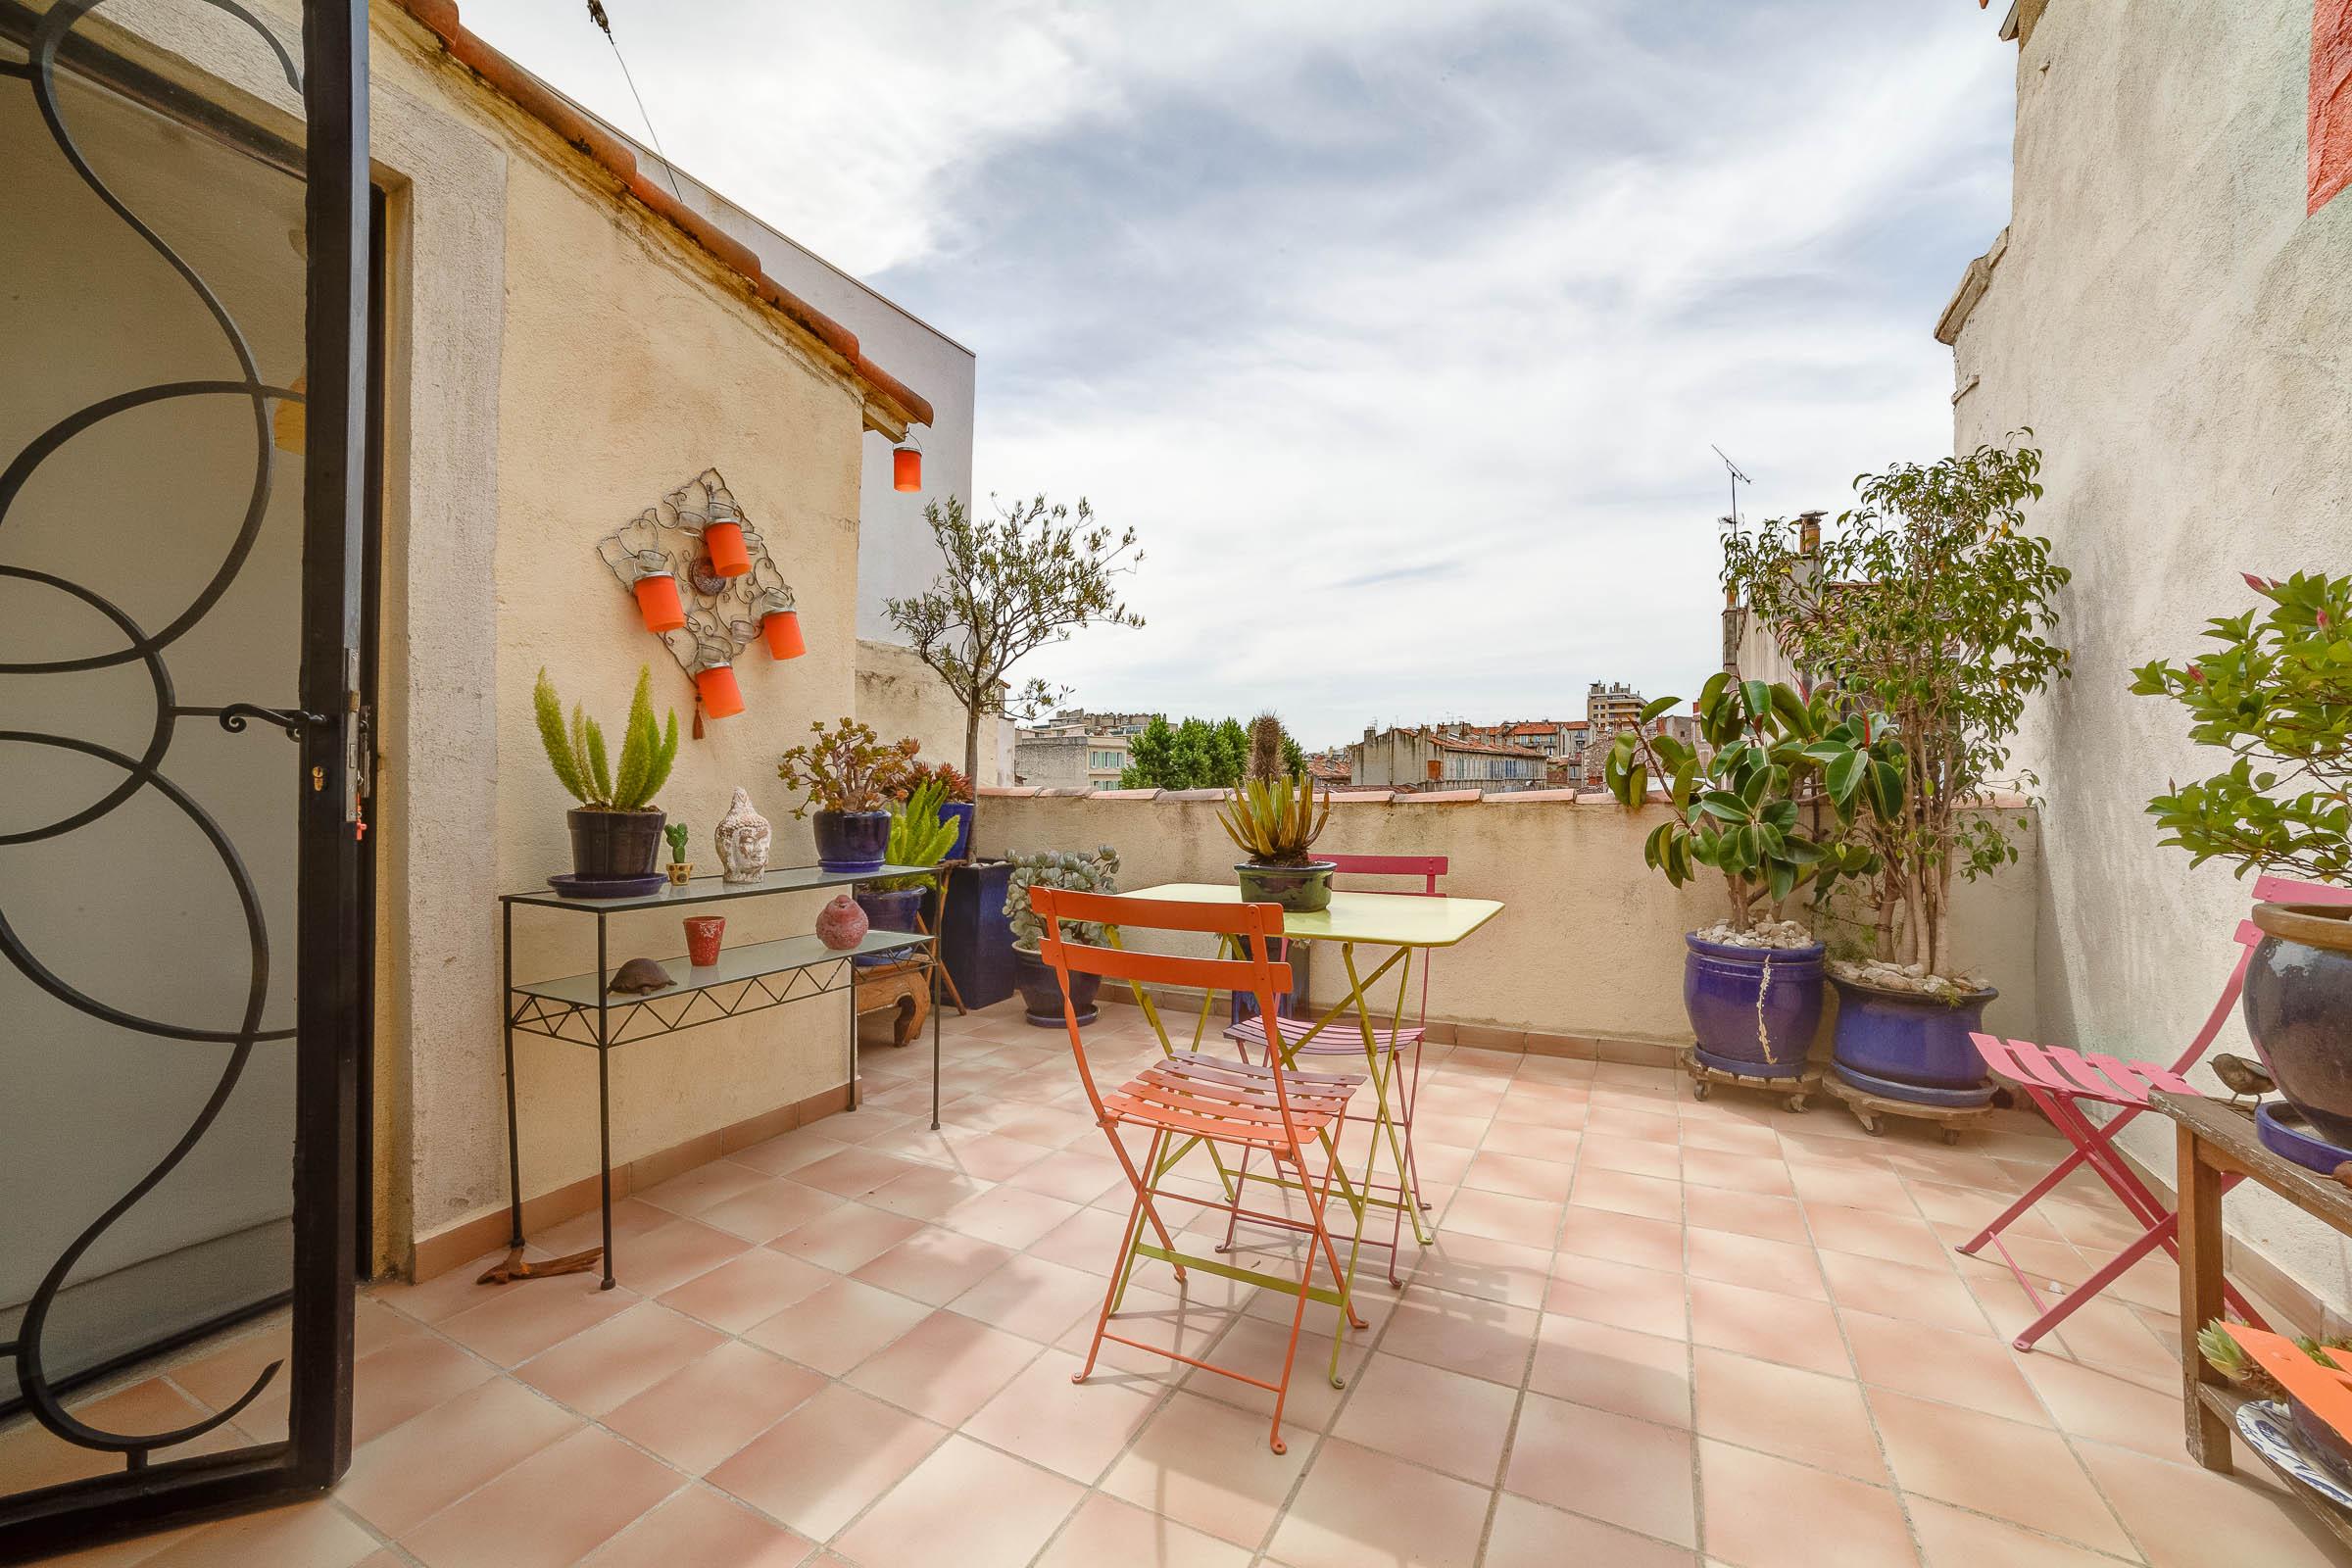 Petite maison de ville chave ma terrasse marseille for Terrasse de marseille